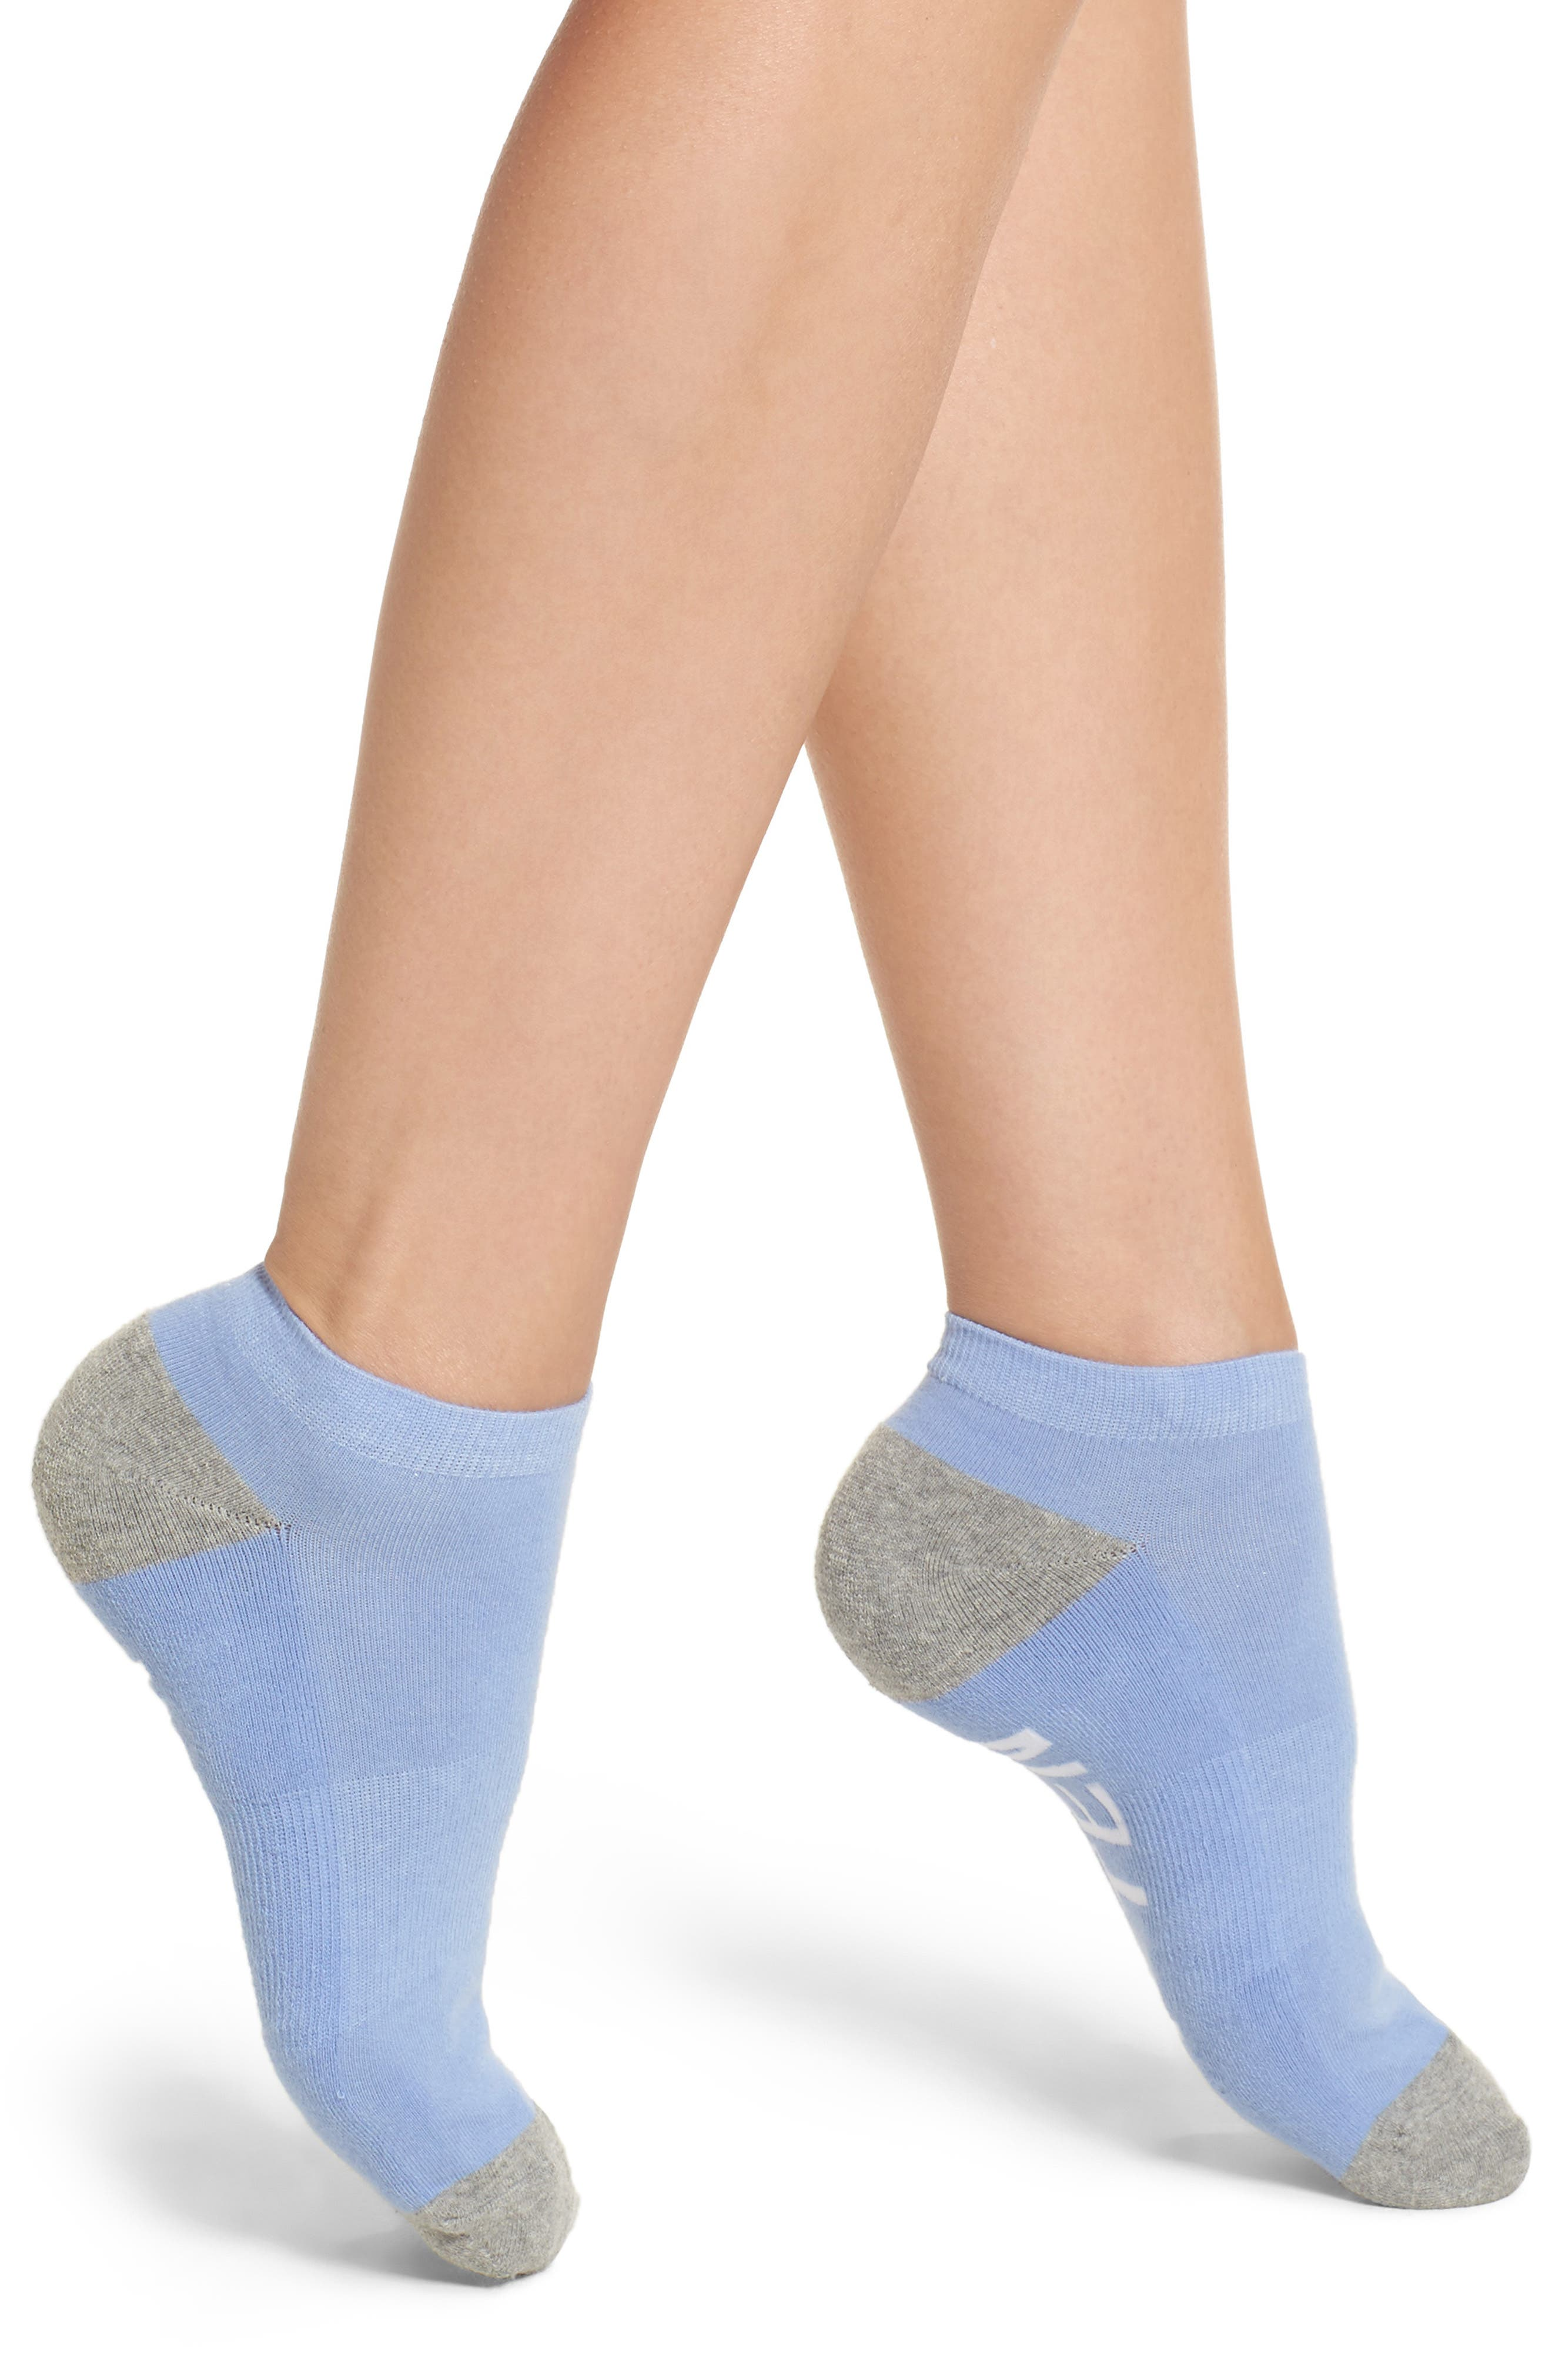 Dream Often Ankle Socks,                             Main thumbnail 1, color,                             450